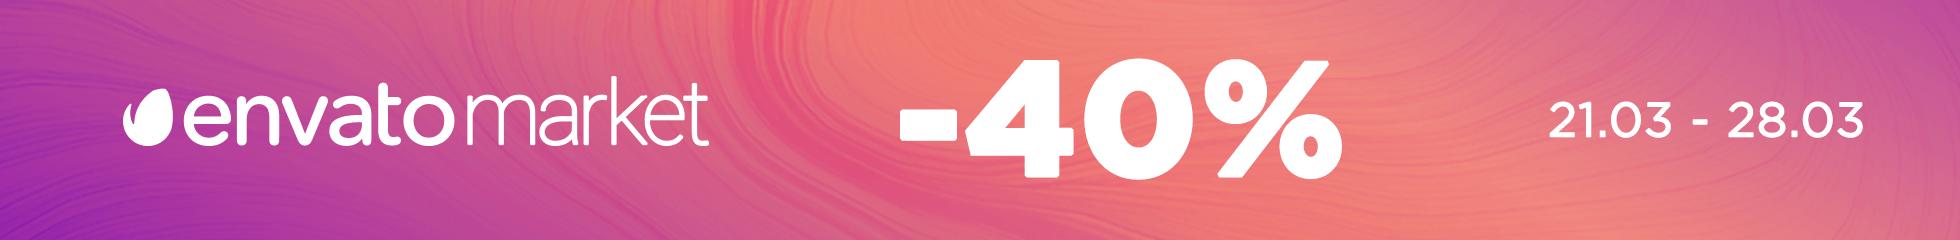 Премиум-темы ThemeForest со скидкой 40%